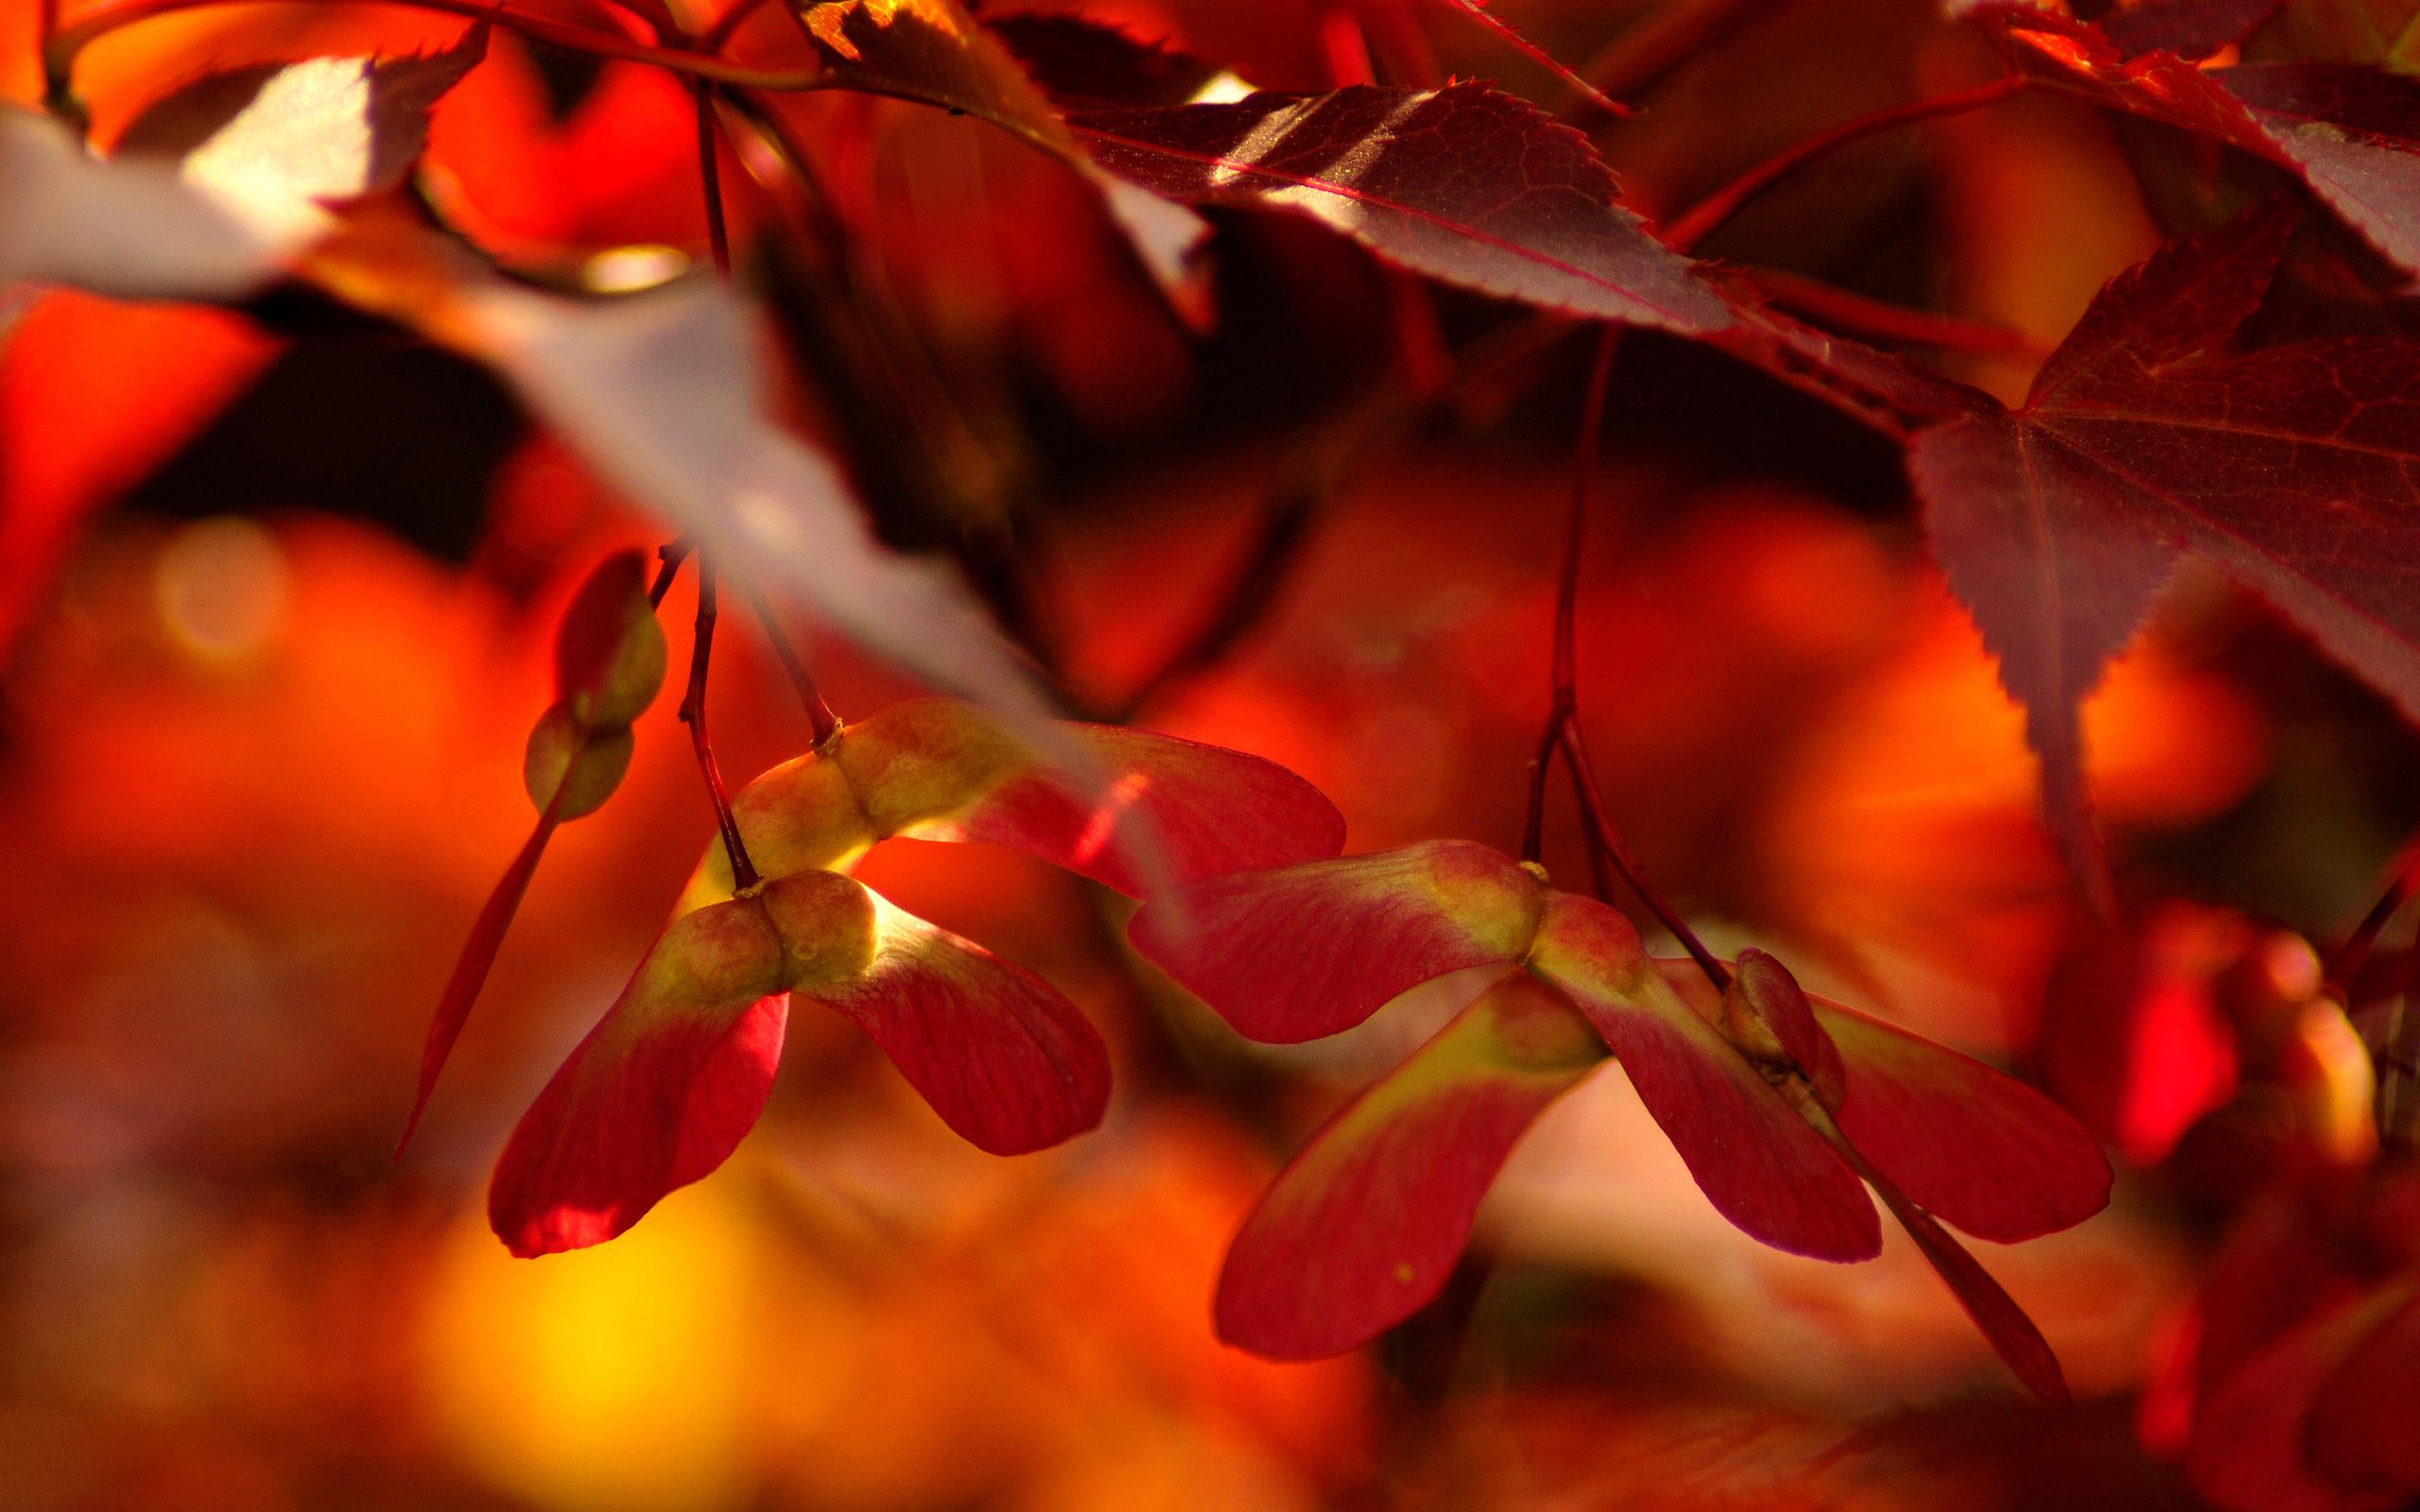 действительно находился картинки на телефон красивые природа осень нее самой света